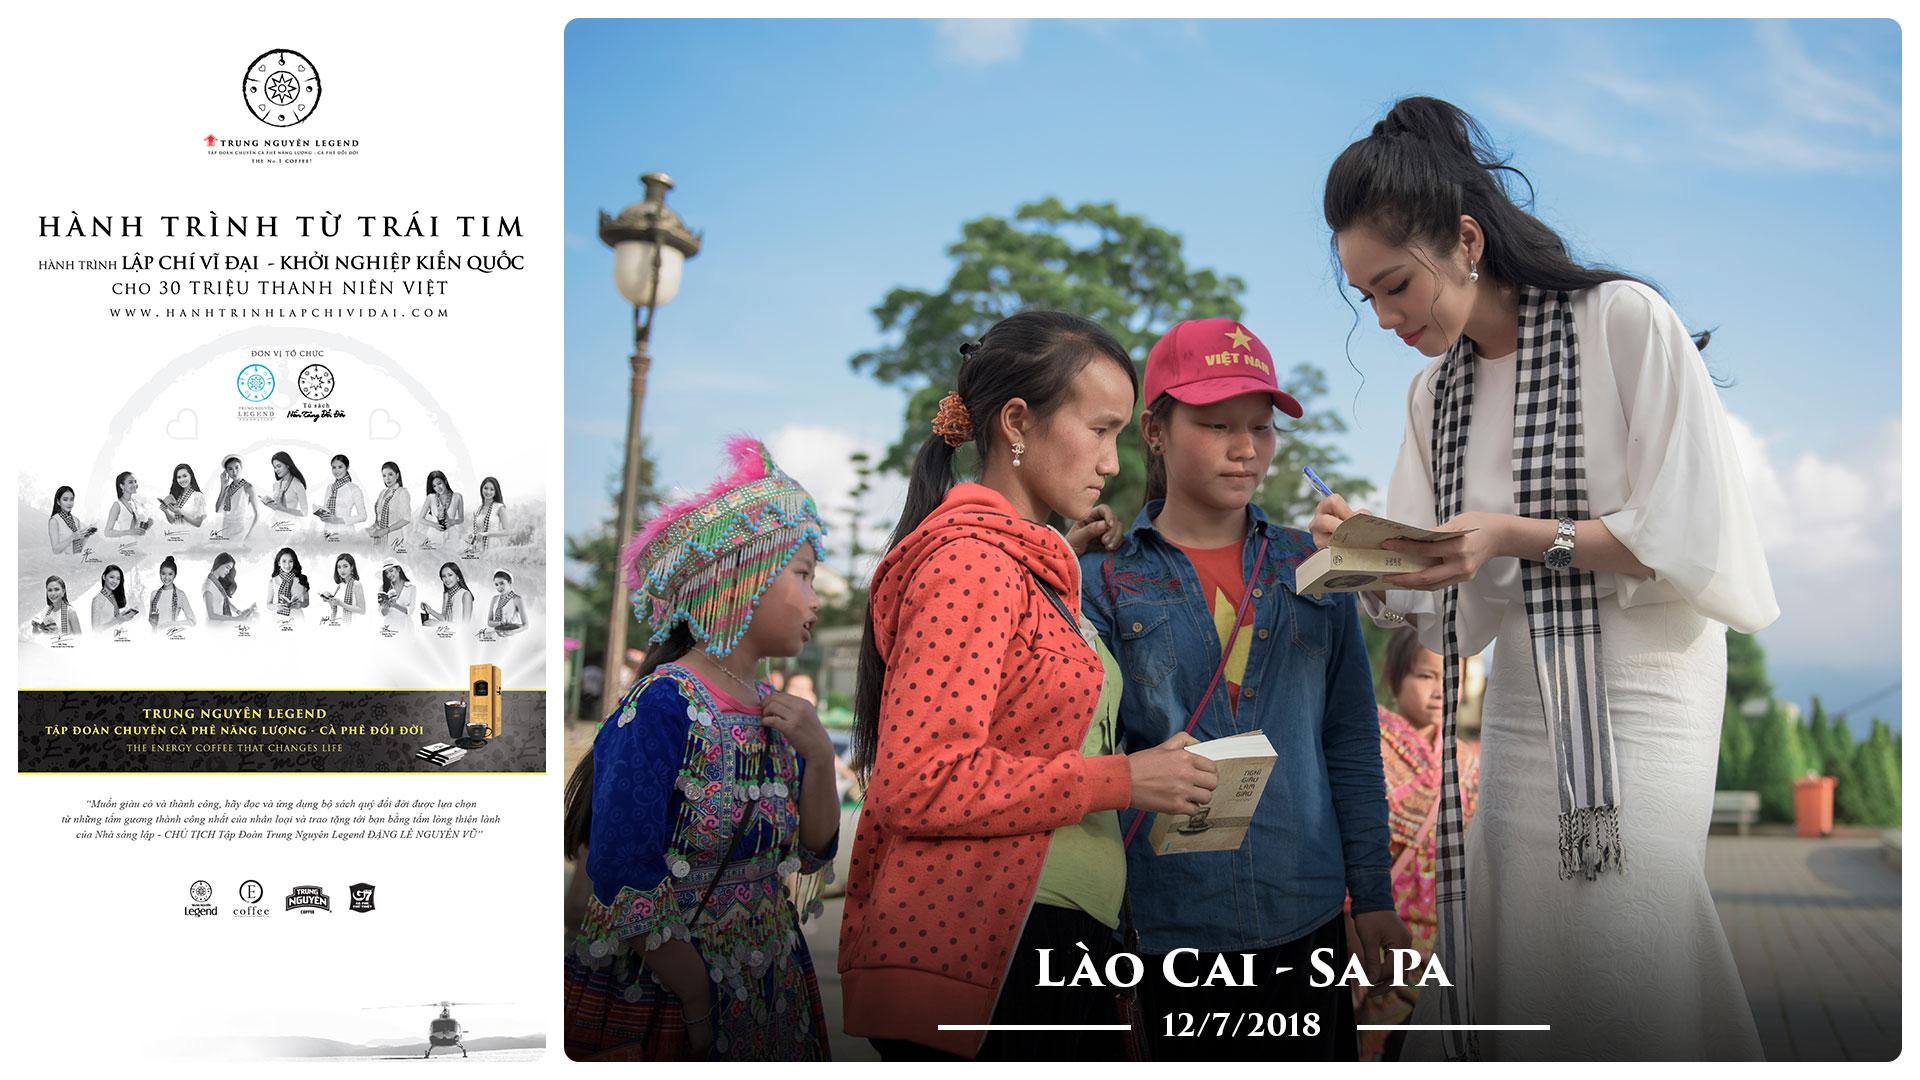 Nhật ký Hành Trình Từ Trái Tim – Lào Cai – Sa Pa